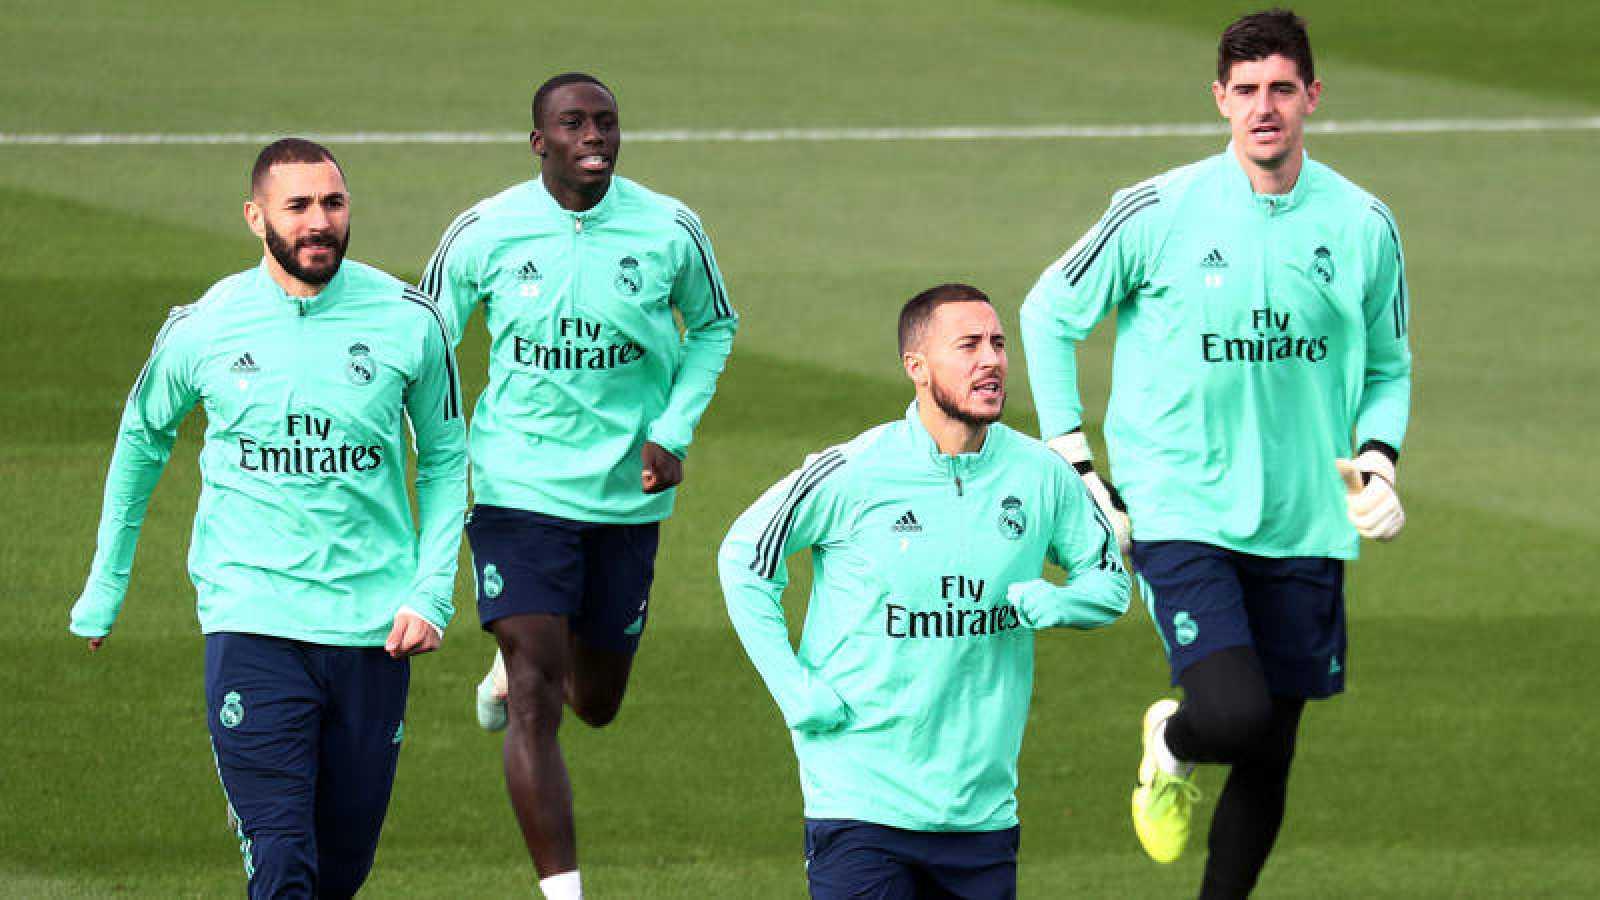 Imagen del entrenamiento del Madrid, con Karim Benzema, Ferland Mendy, Eden Hazard y Thibaut Courtois.